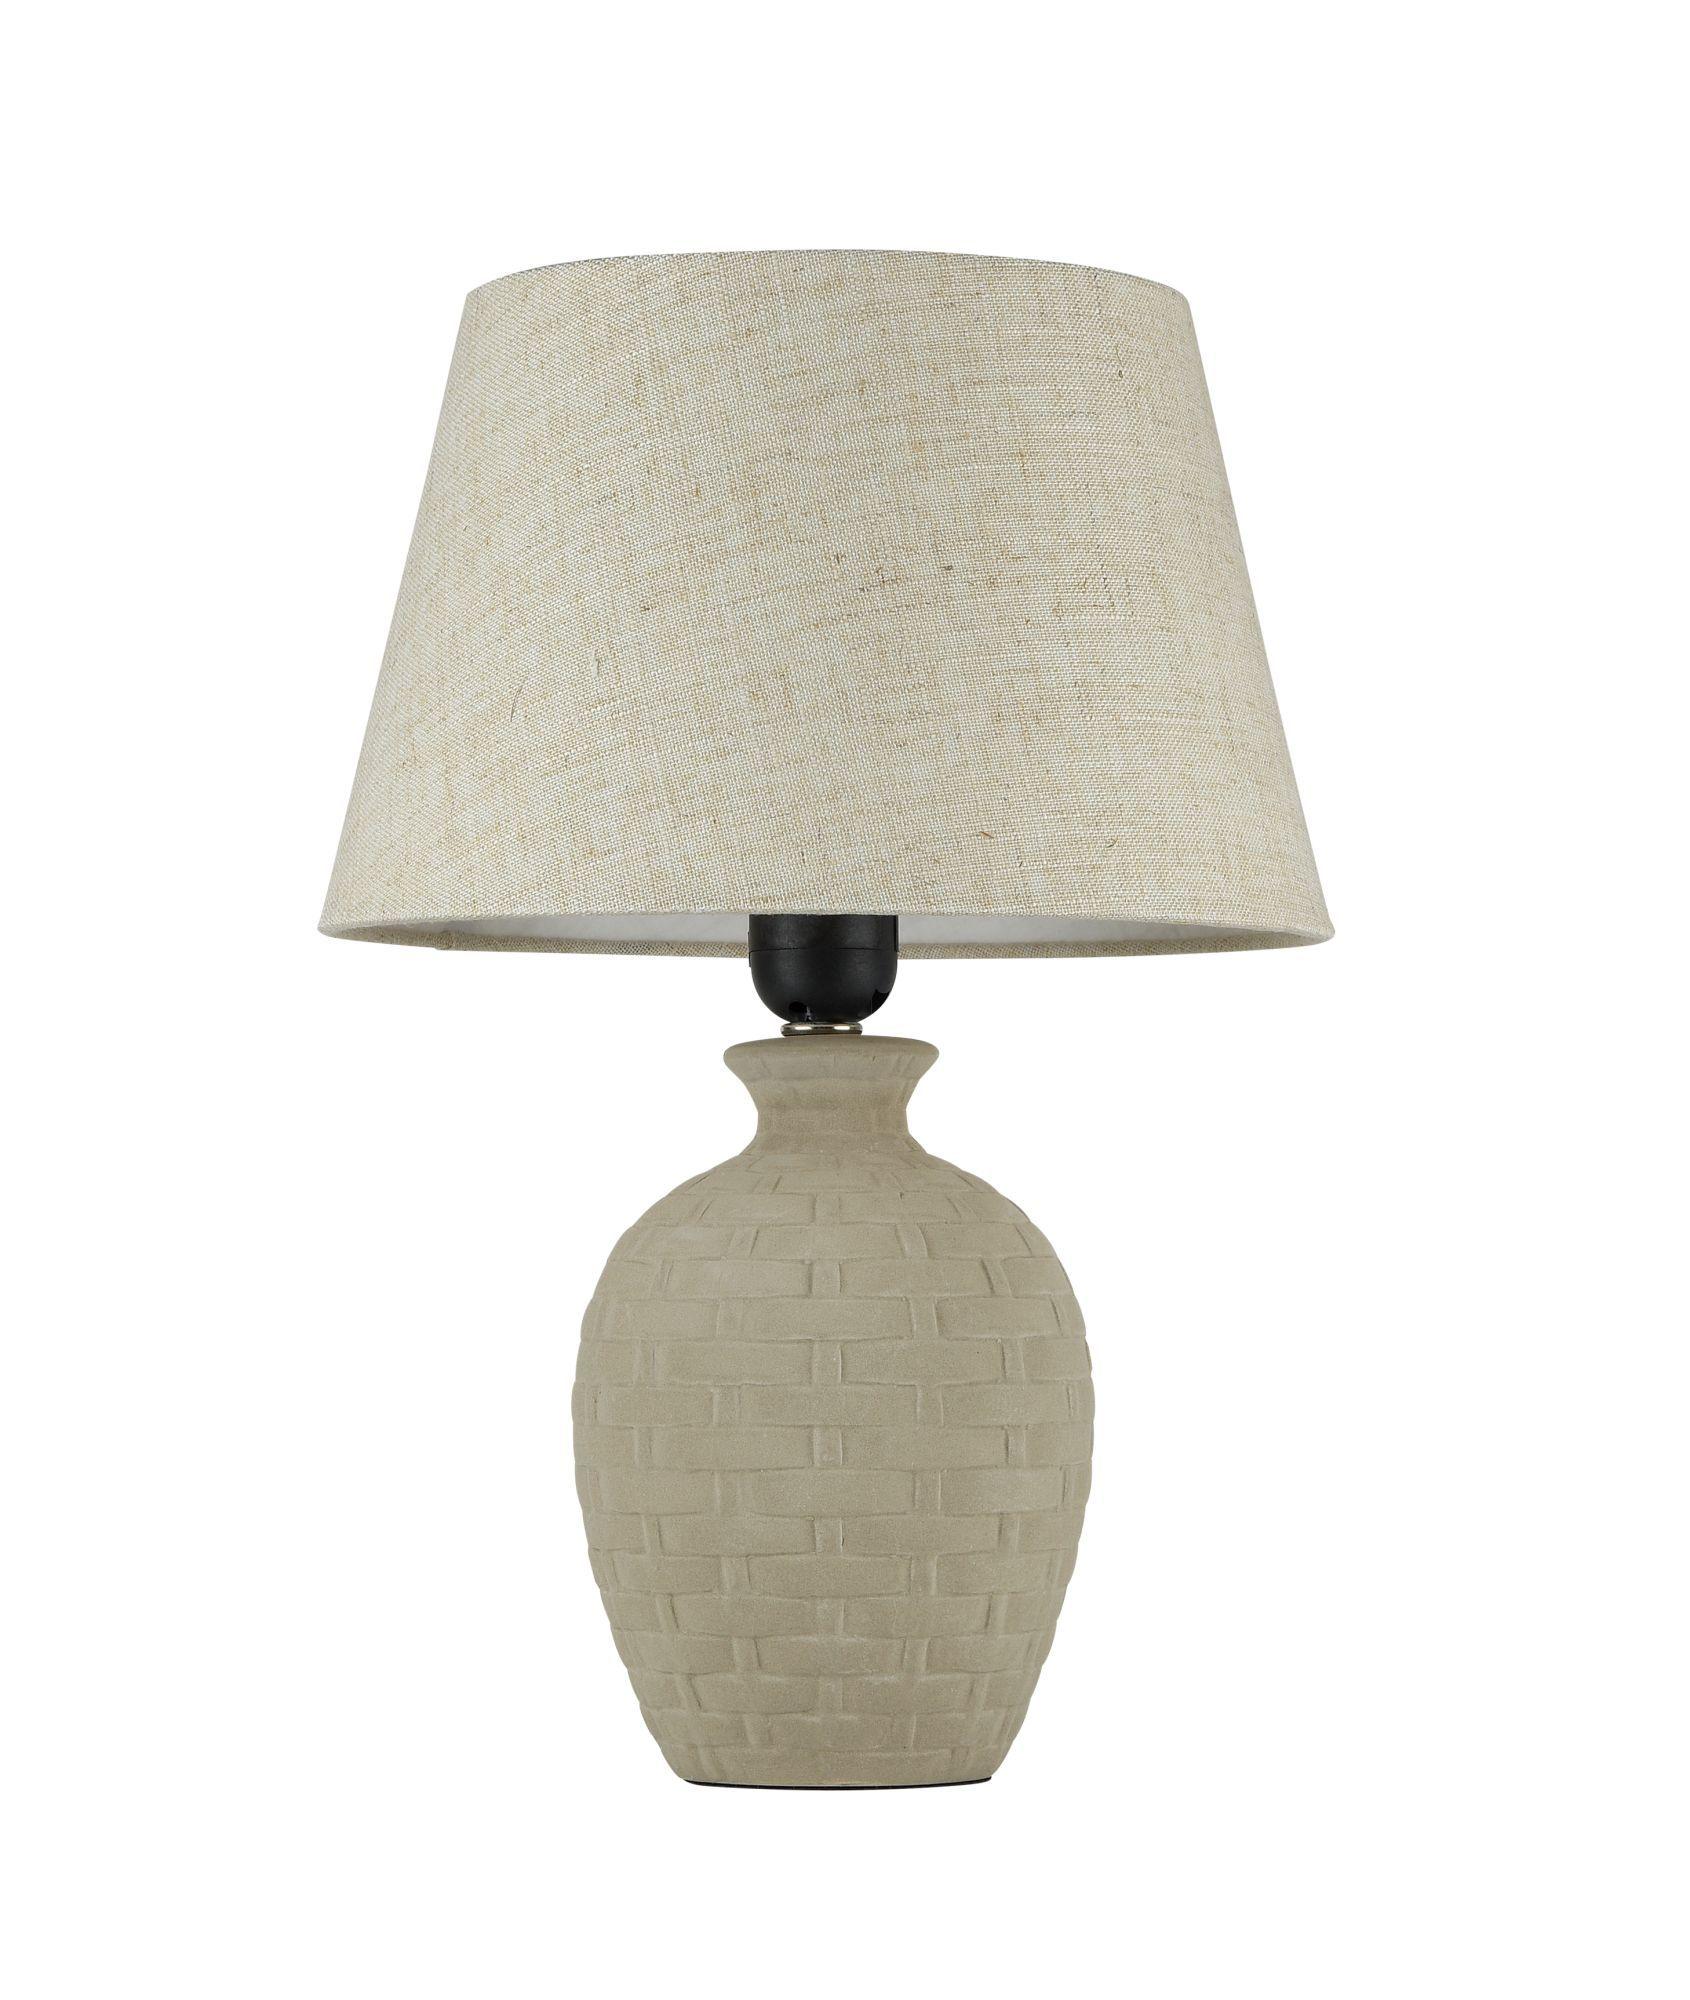 Настольная лампа Maytoni Adeline Z003-TL-01-W (mod003-11-w), 1xE27x60W, бежевый, керамика, текстиль - фото 1